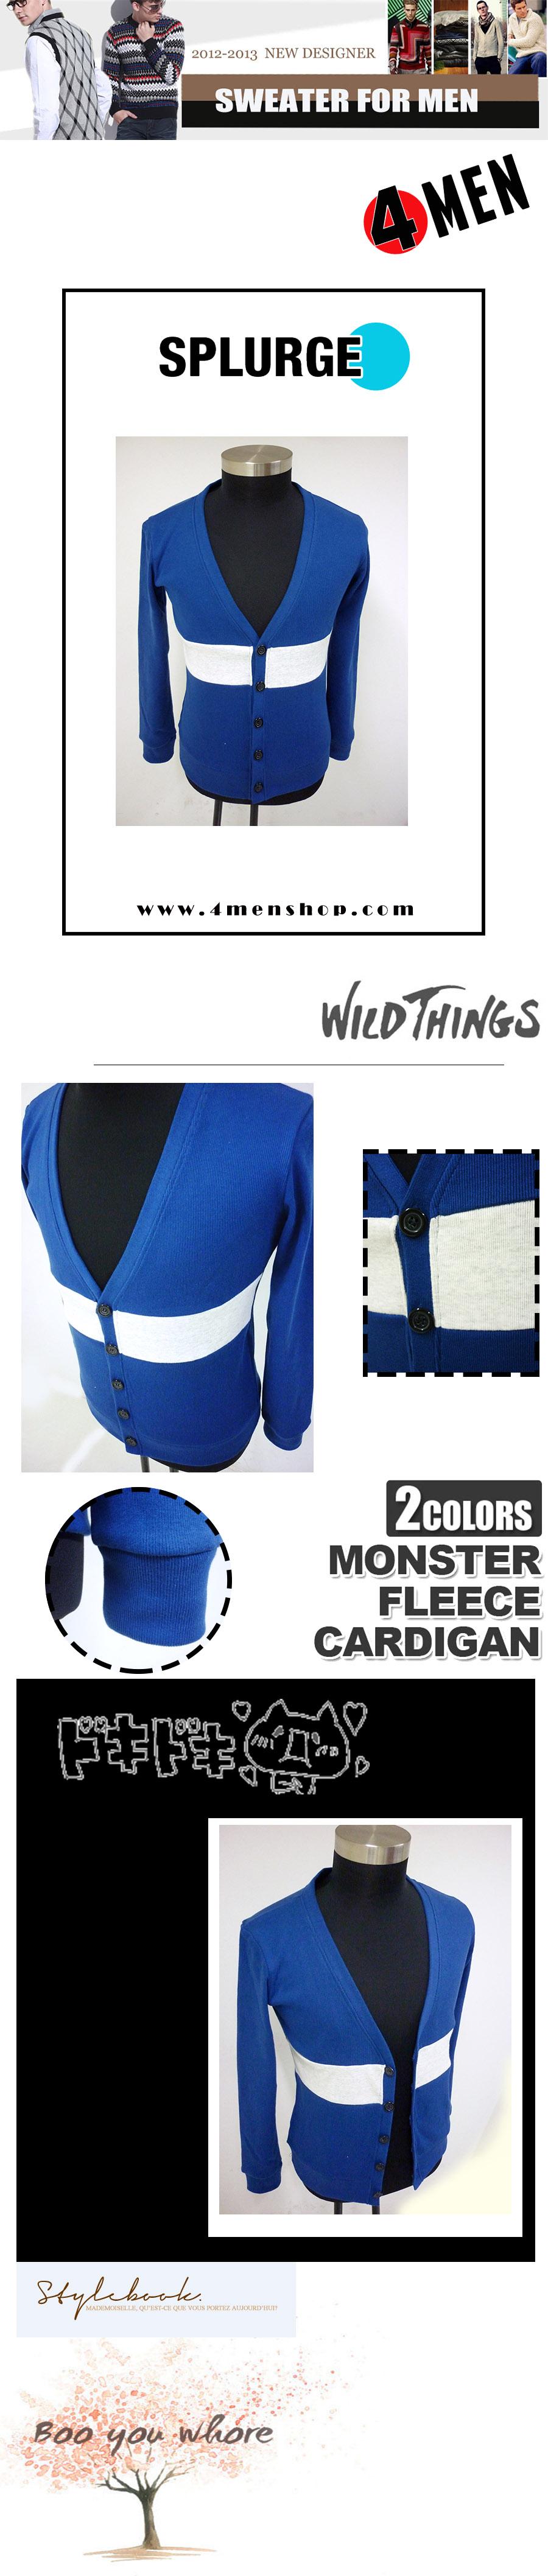 Áo khoác cardigan xanh dương ac058 - 1